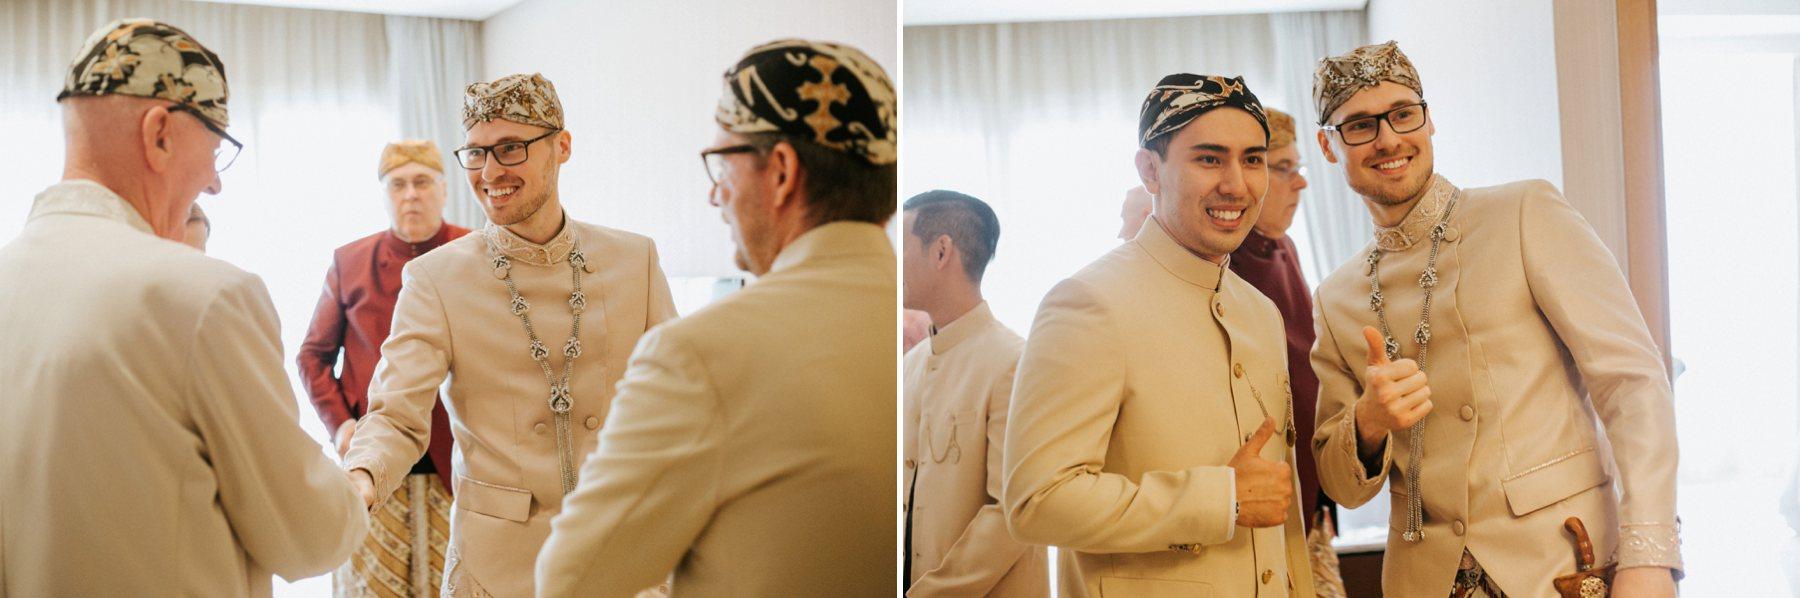 ritz_carlton_jakarta_wedding__0035